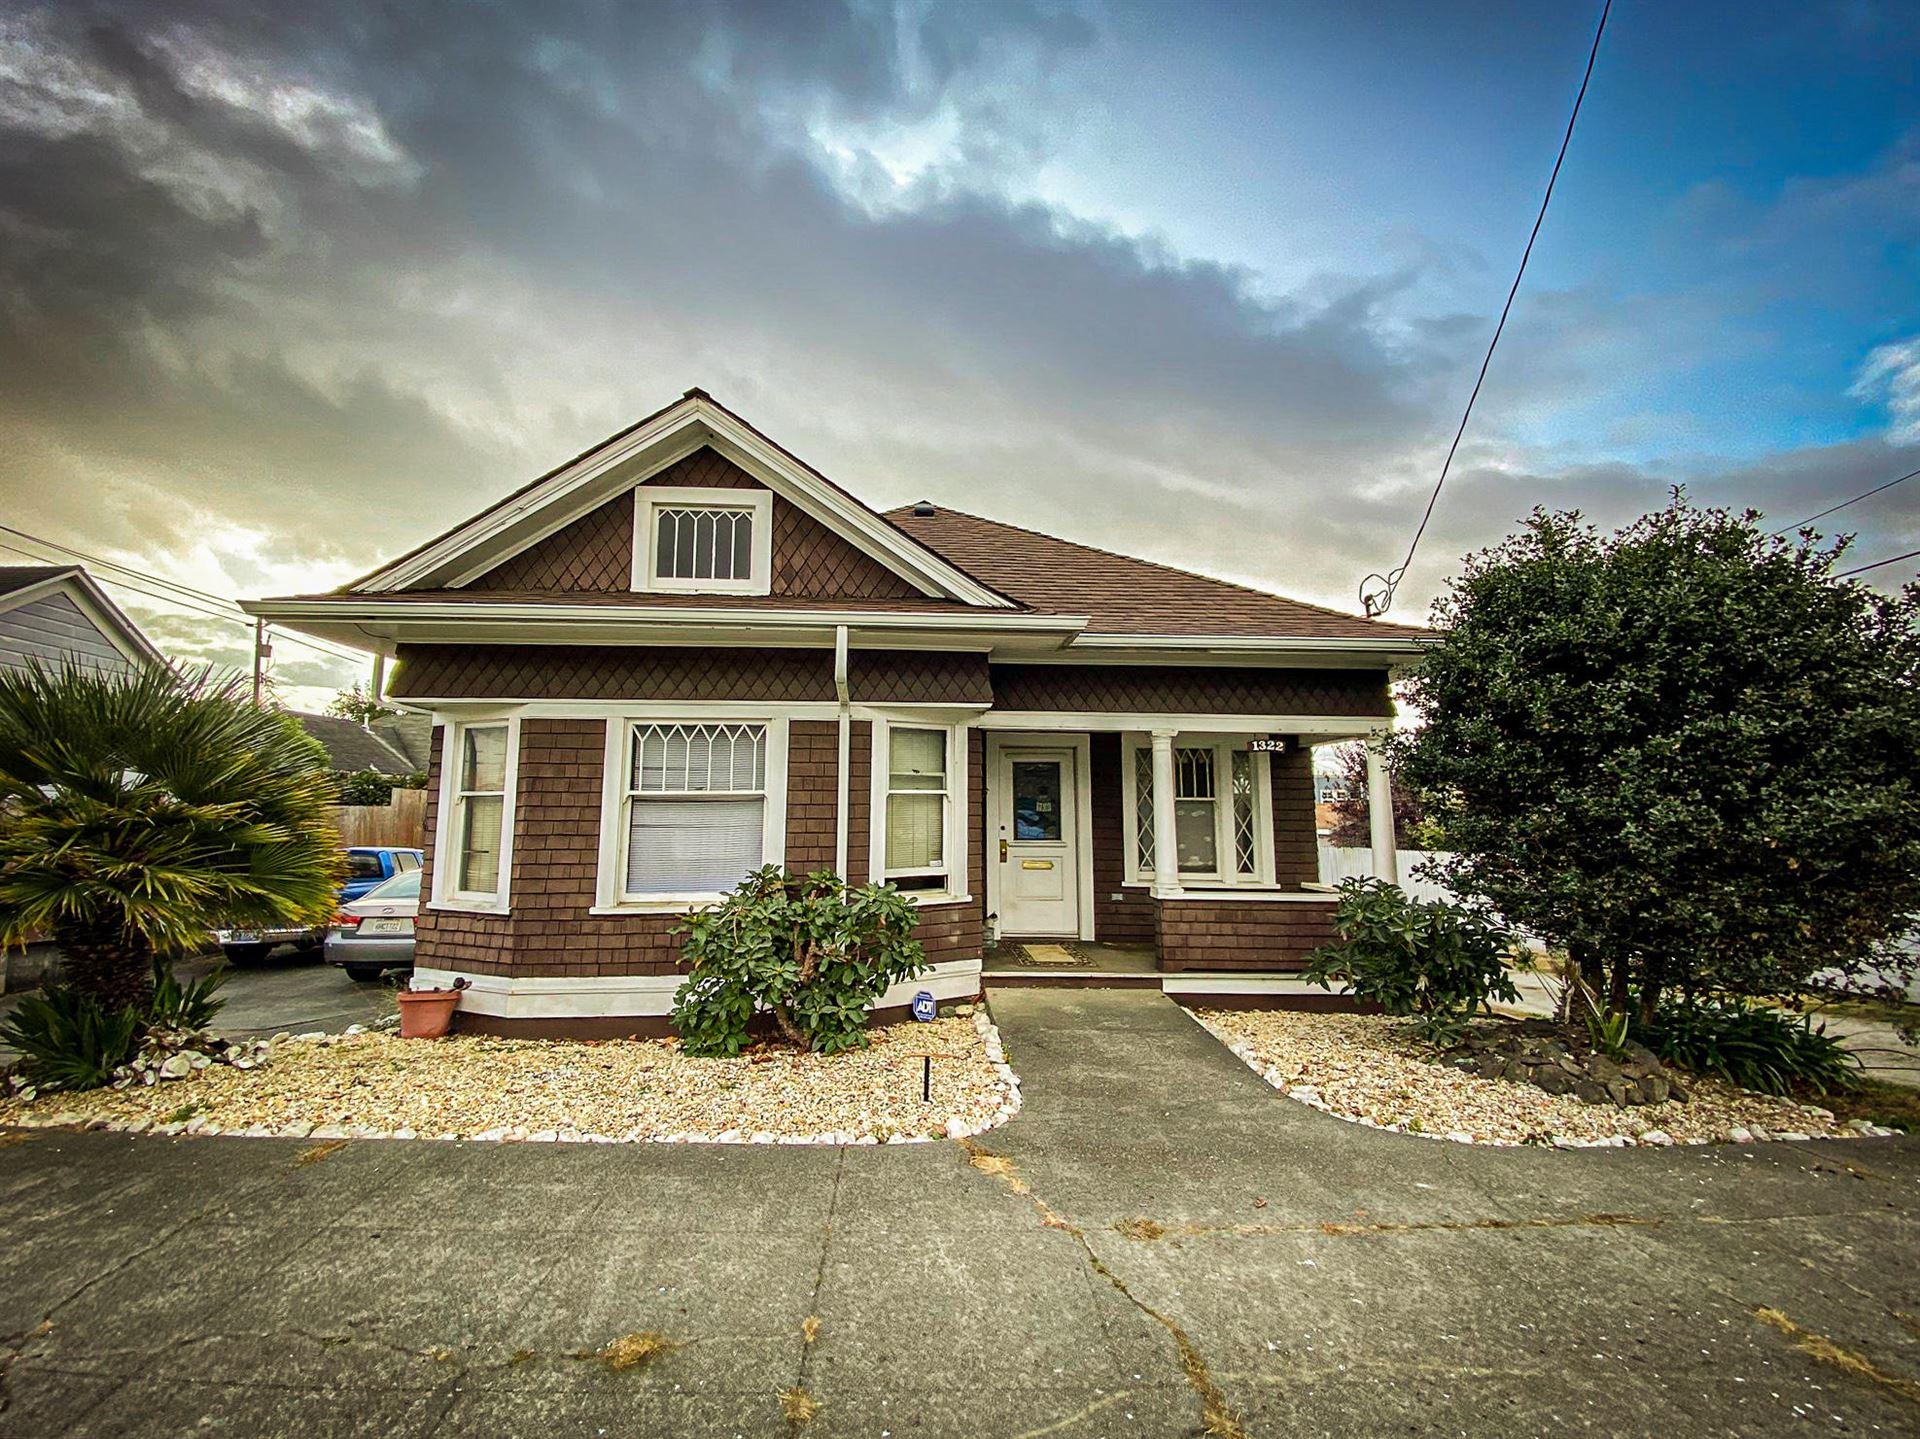 1322 A Street, Eureka, CA 95501 - MLS#: 257429